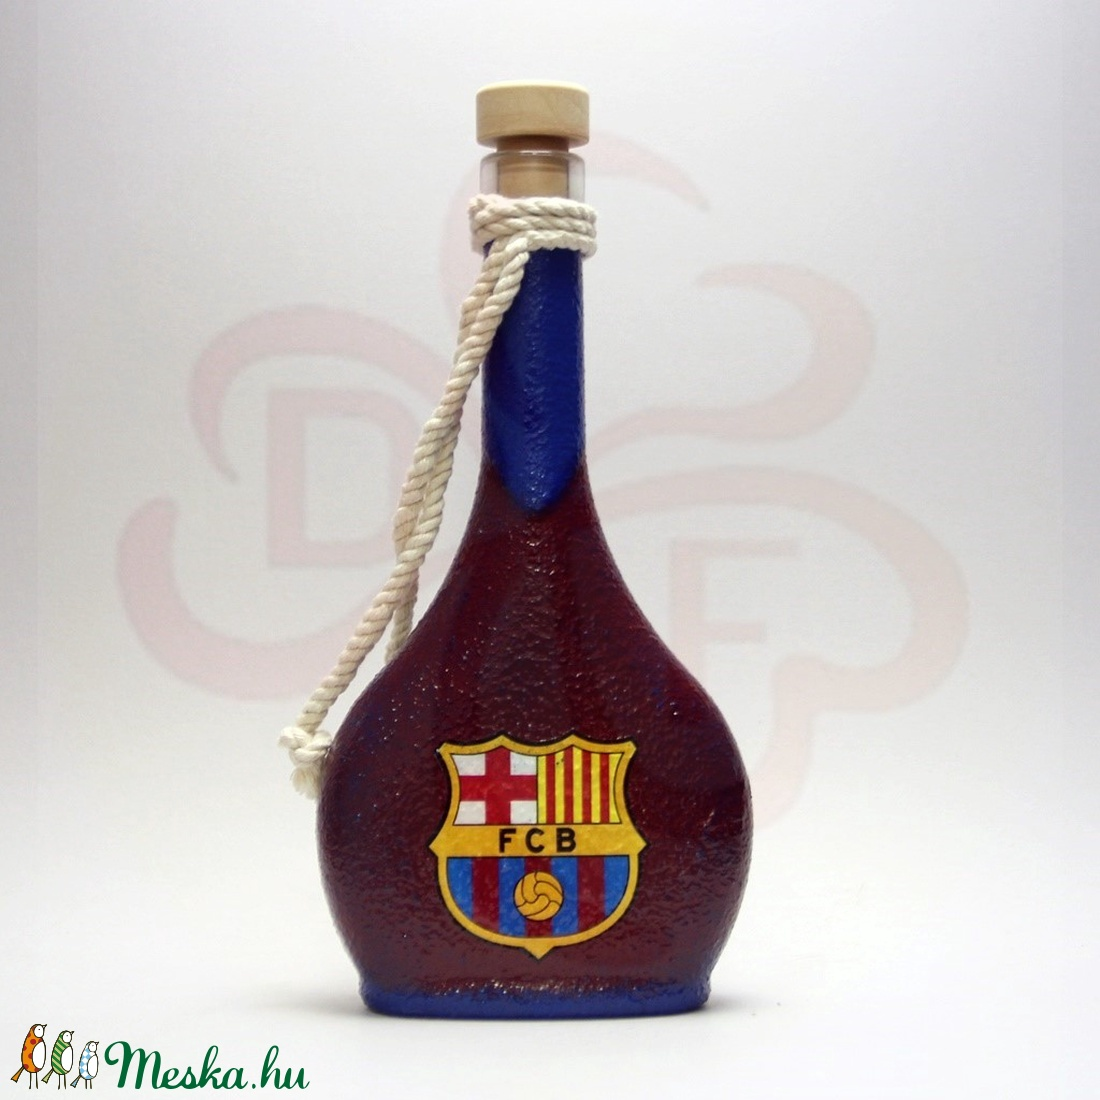 FC Barcelona pálinkás flaska; Barcelona futball szurkolóknak - Meska.hu